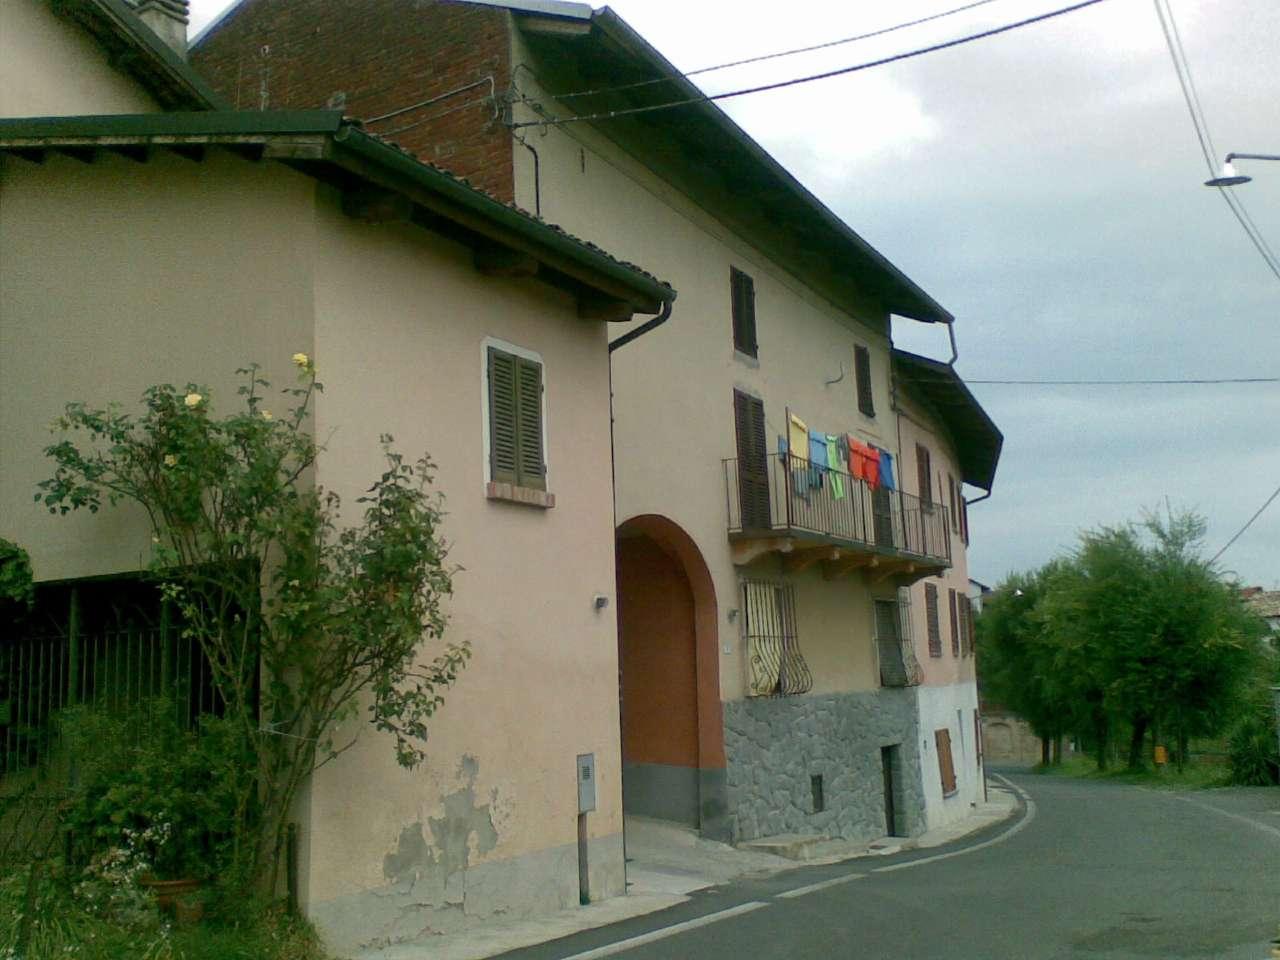 Palazzo / Stabile in vendita a Piovà Massaia, 8 locali, prezzo € 72.000 | PortaleAgenzieImmobiliari.it